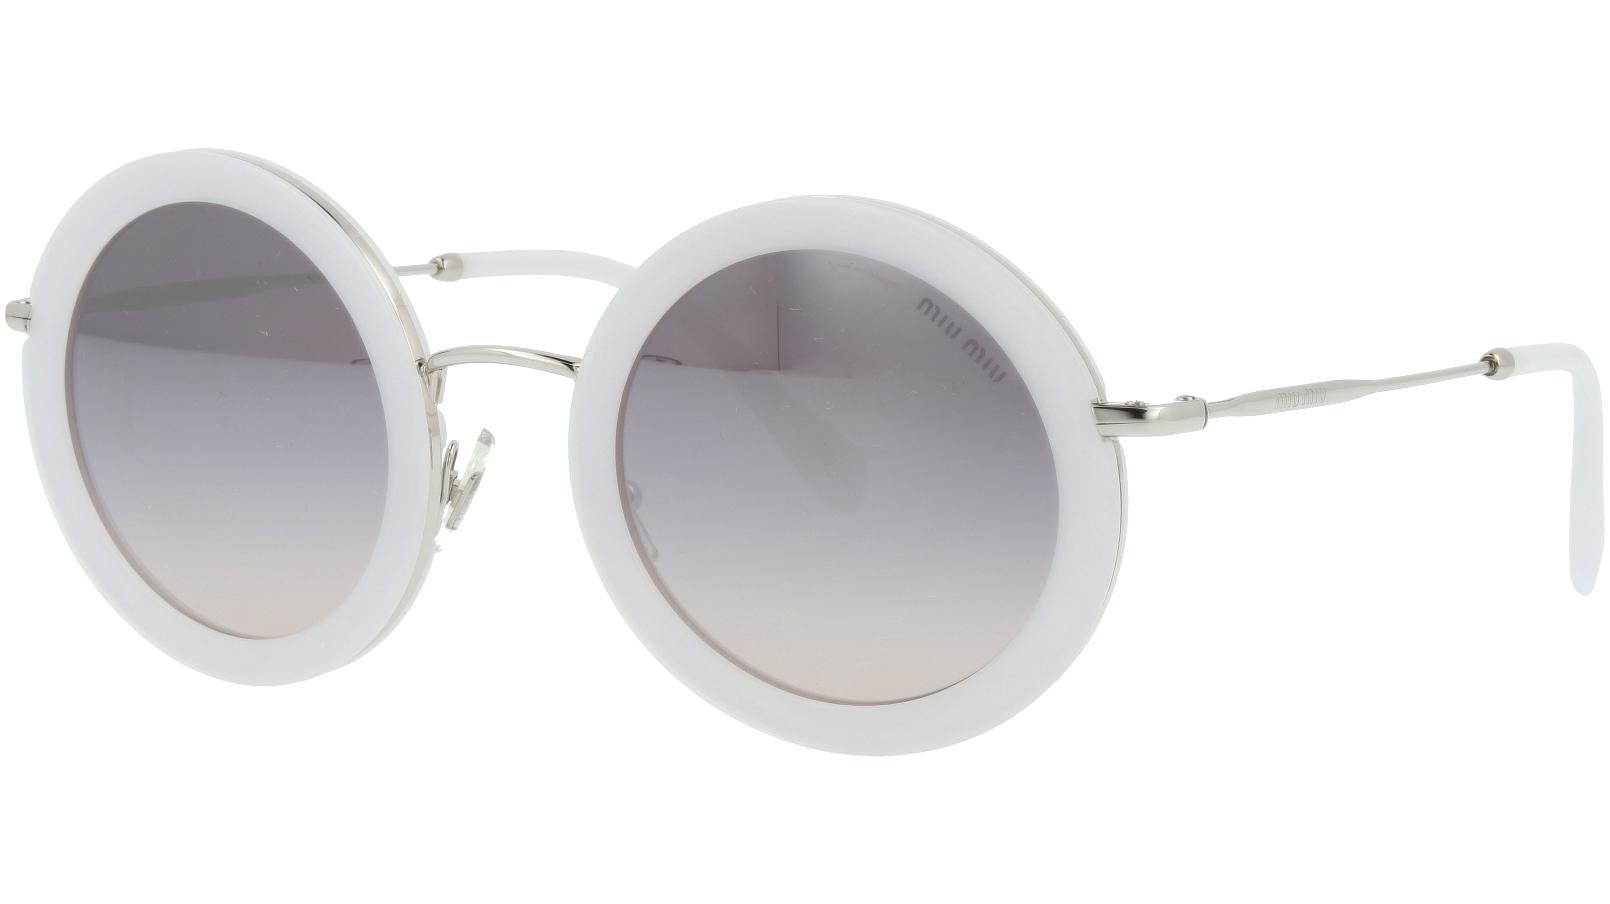 Miu Miu MU59US 133GR0 48 White Round Sunglasses